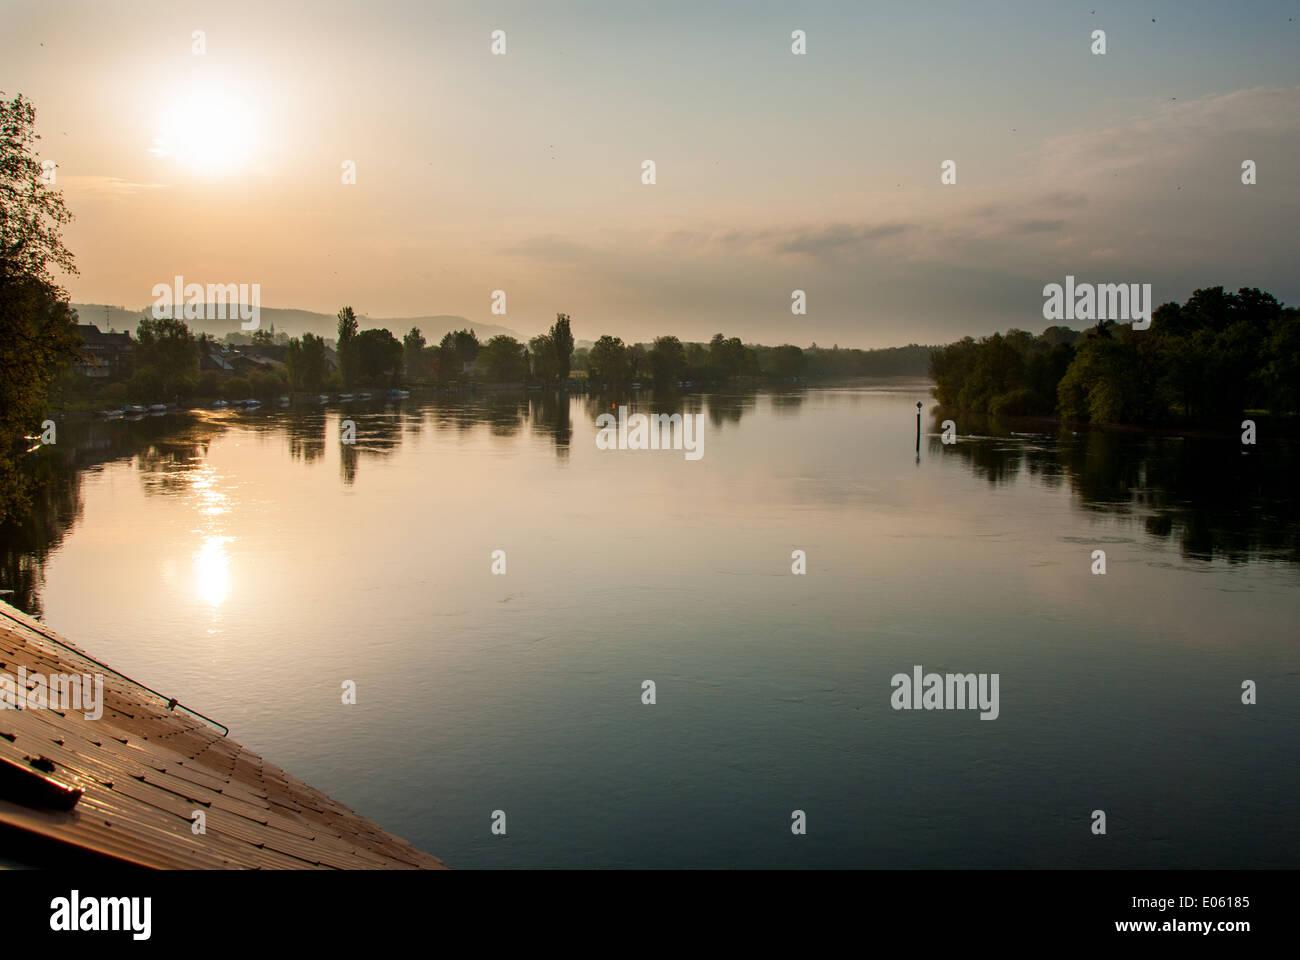 Une vue d'un des bras morts du Rhin à tôt le matin, juste un peu après l'aube Photo Stock